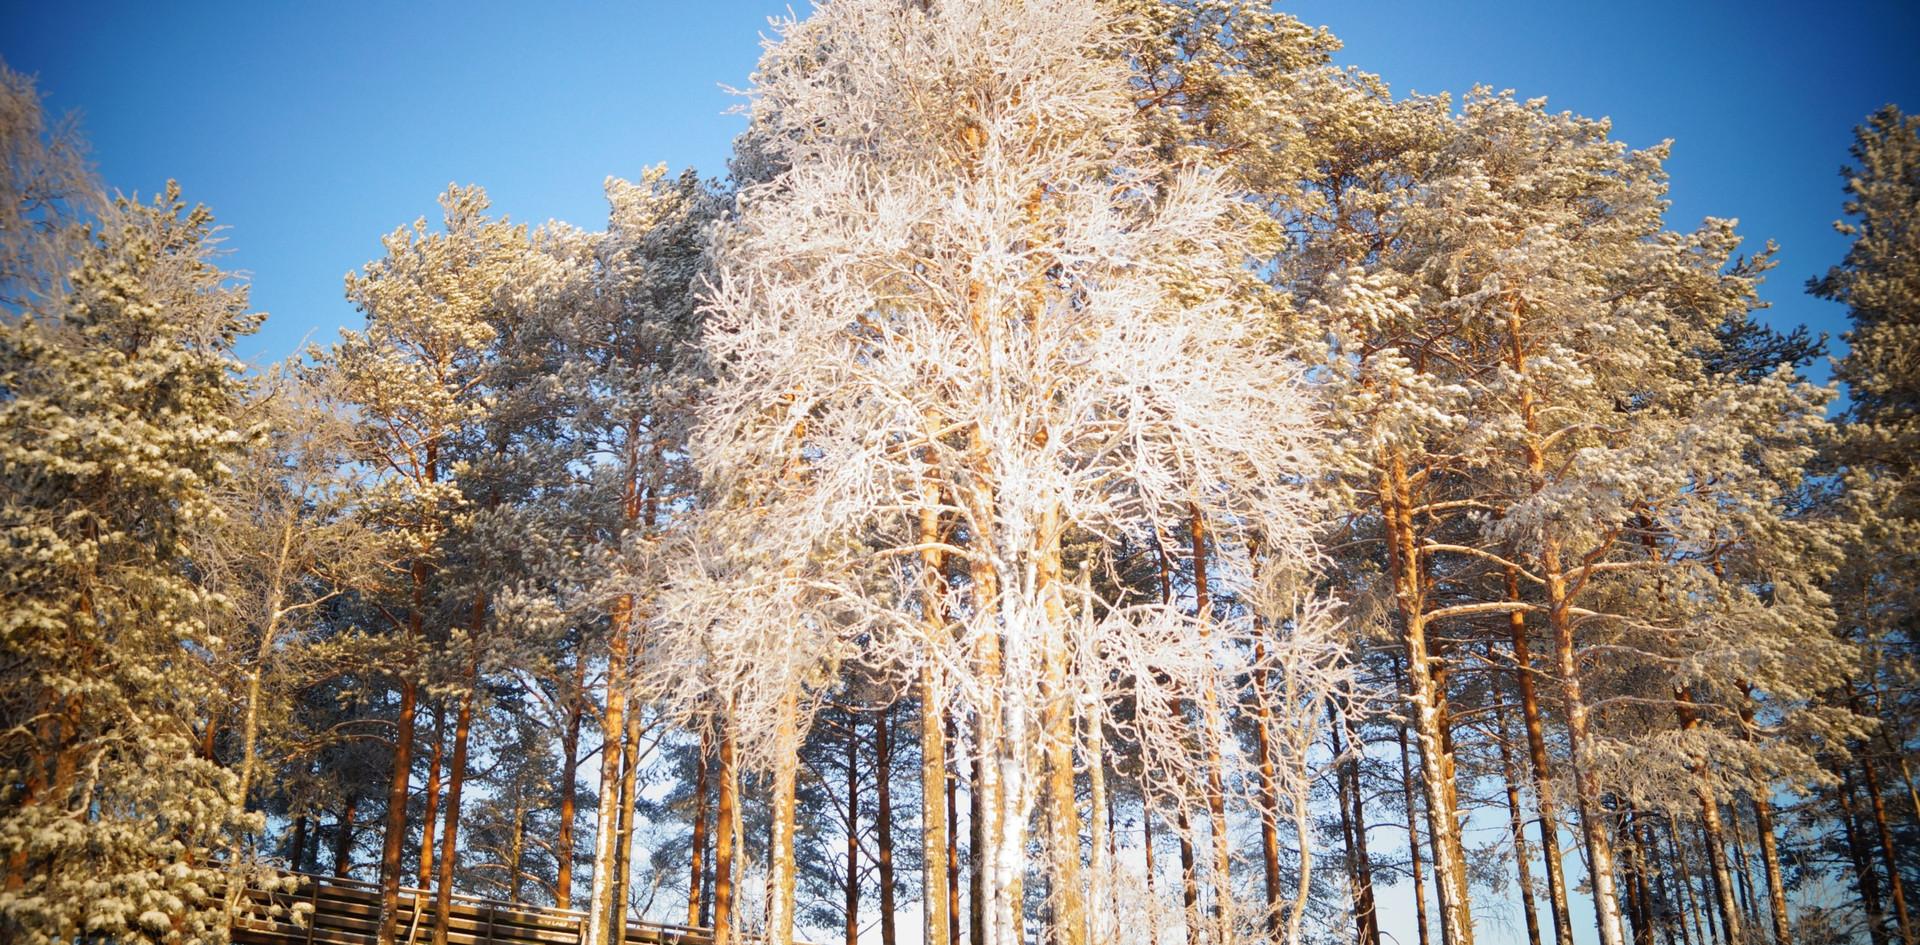 Вышка в деревьях